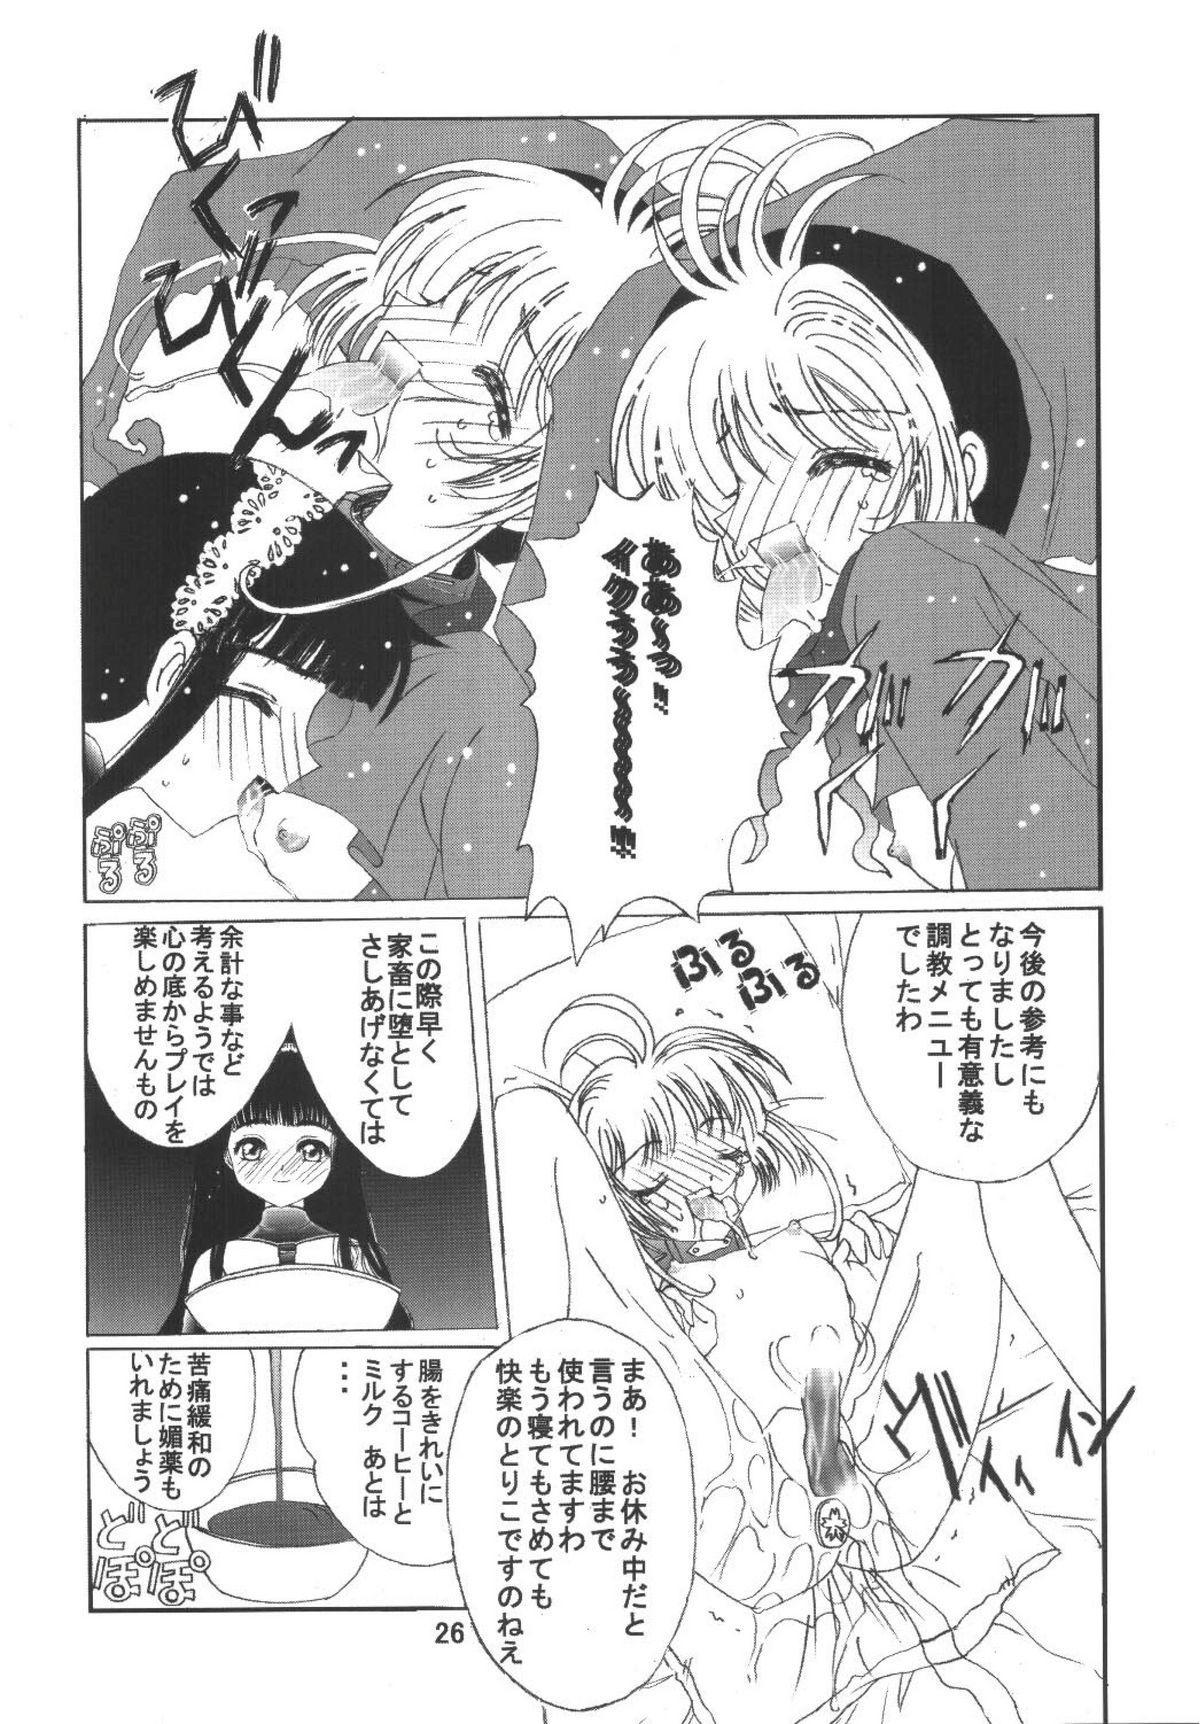 Kuuronziyou 6 Sakura-chan de Asobou 3 25